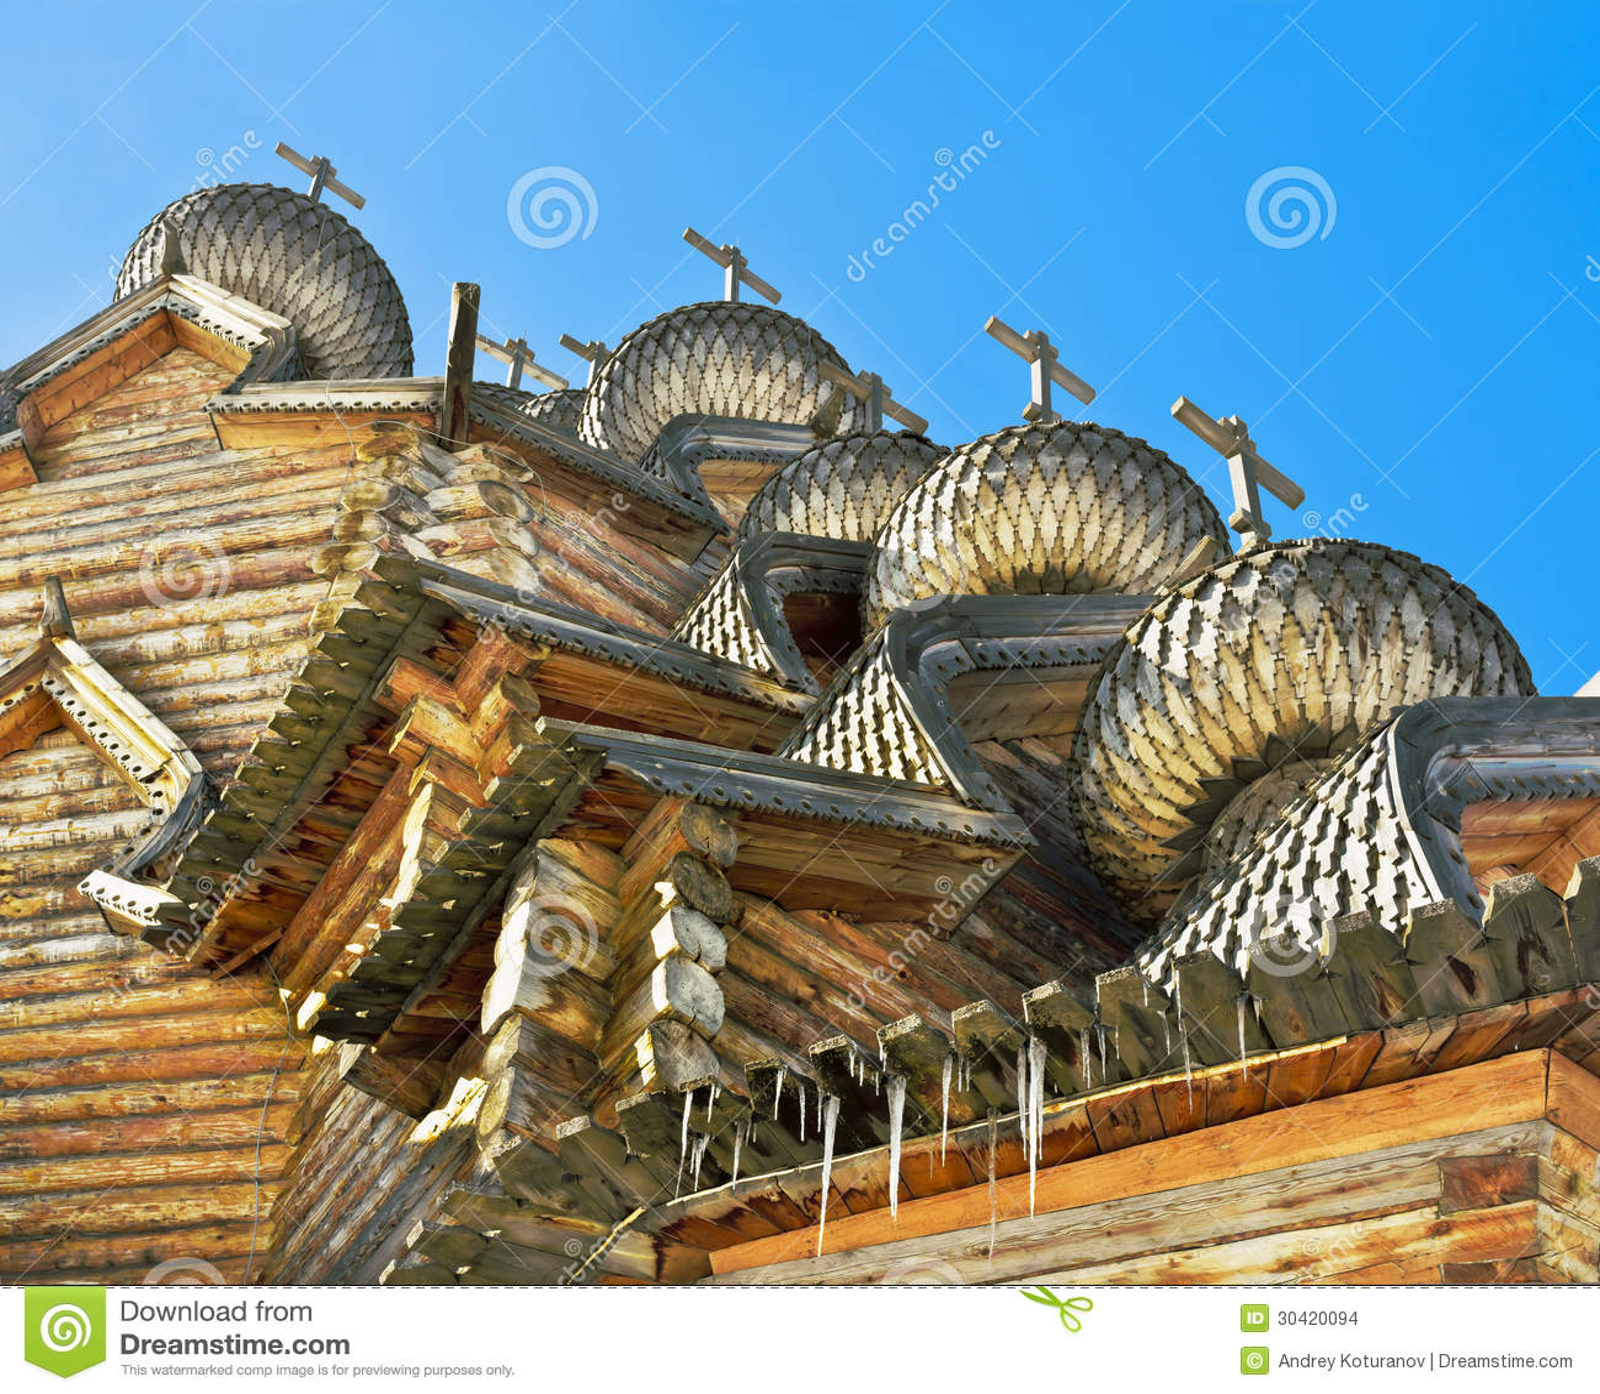 Arquitectura de madera rusa imagenes de archivo imagen - Arquitectura en madera ...